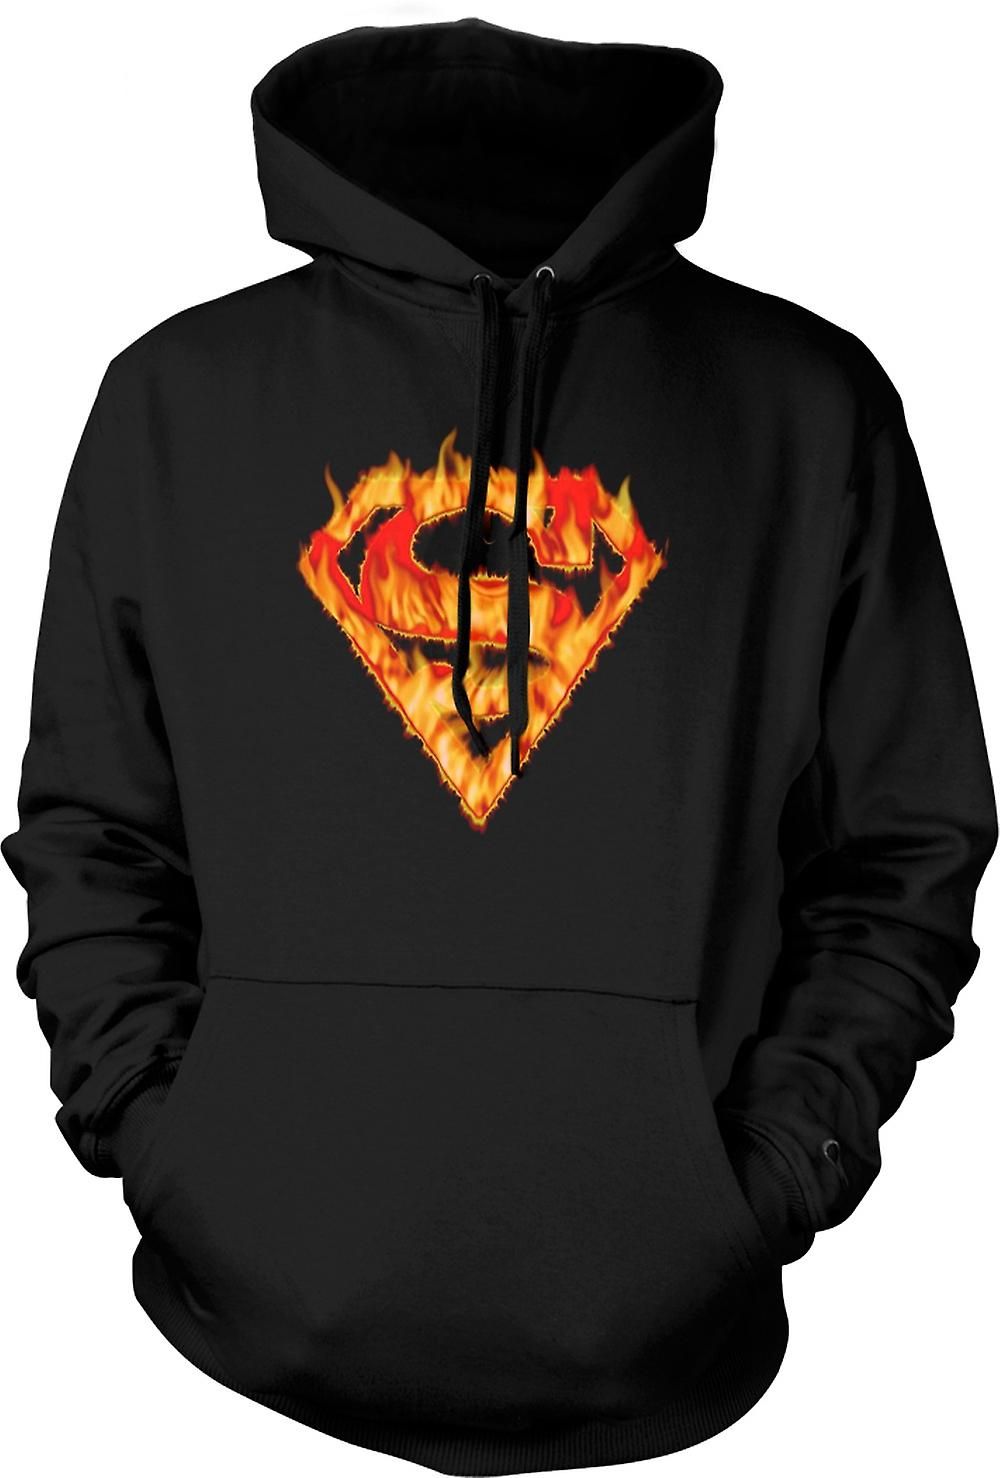 Mens Hoodie - Superman - Flame Logo